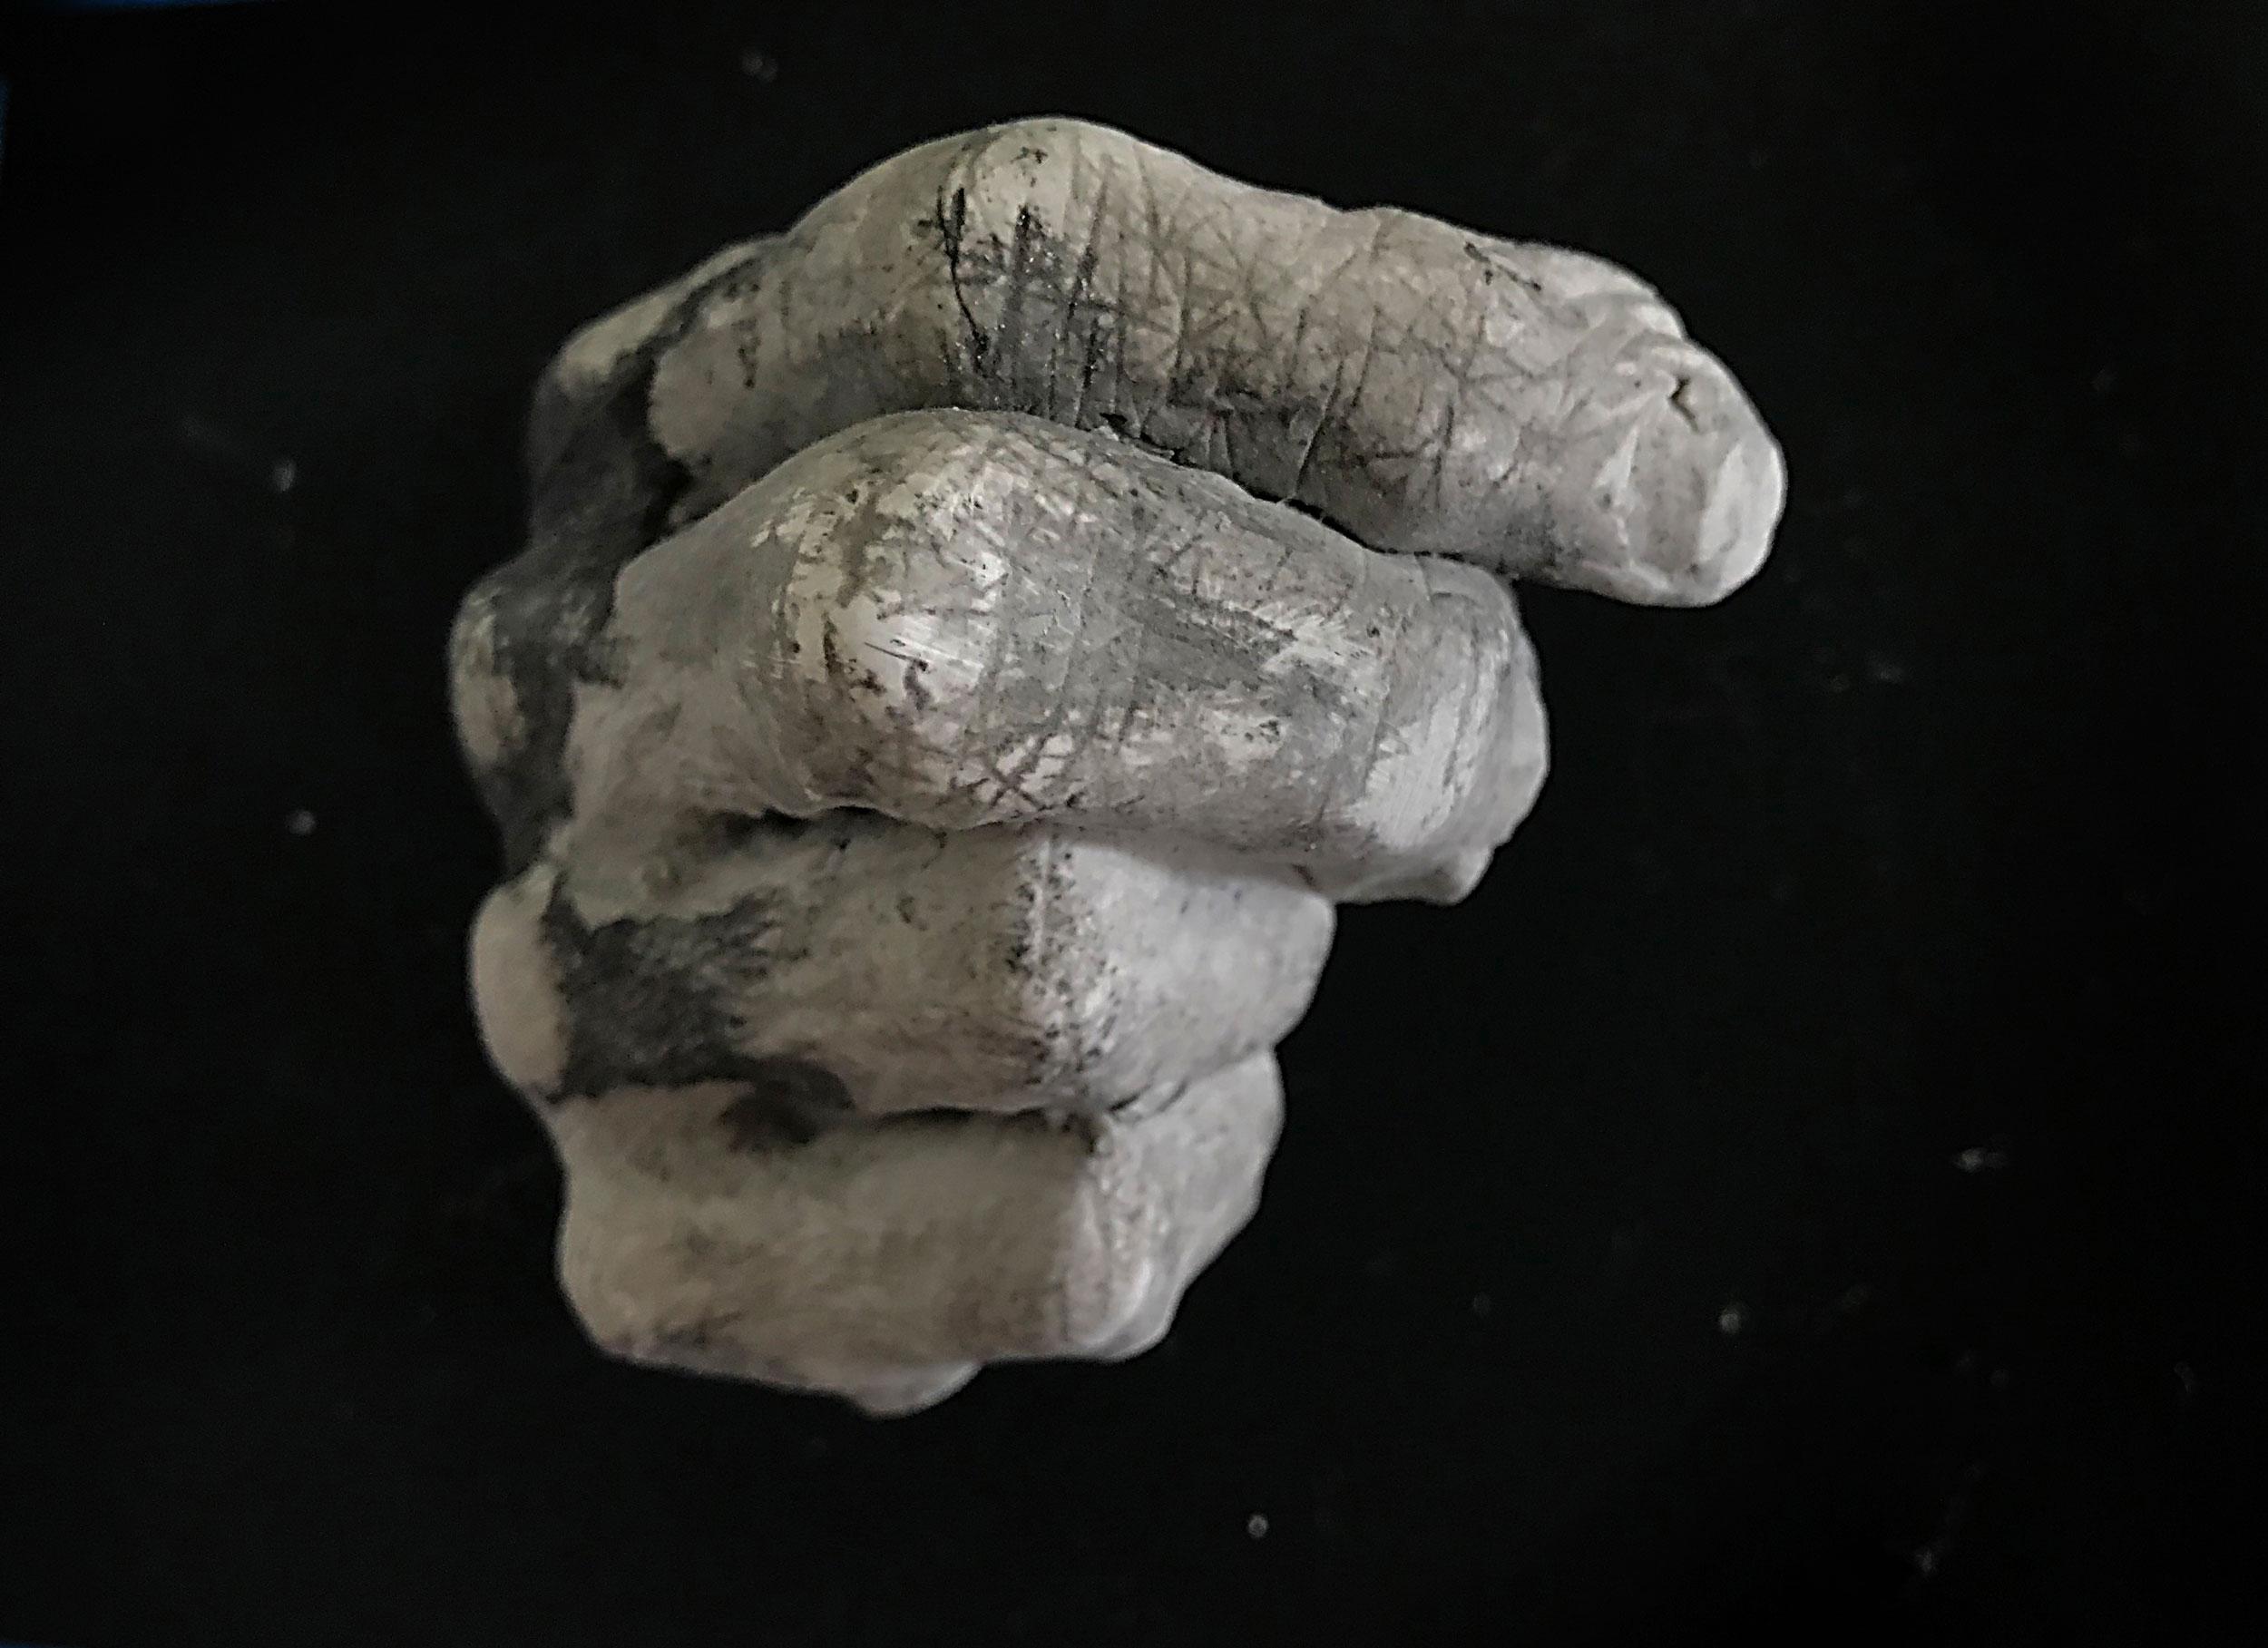 Wendy Richmond hand sculpture fist excavation